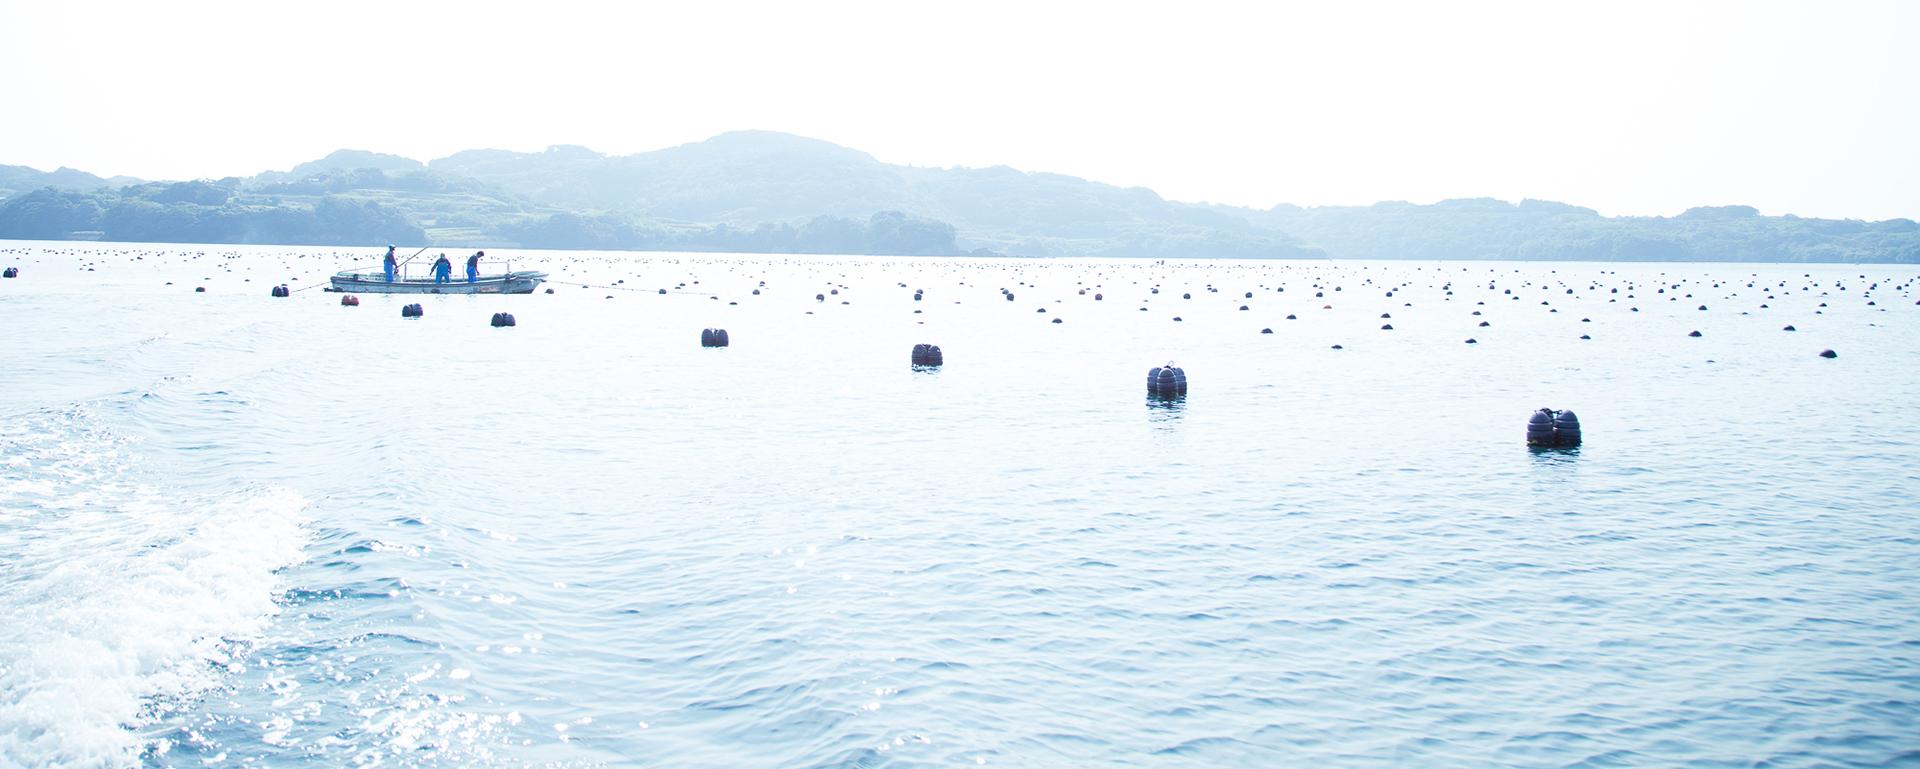 アコヤ真珠が生まれる海